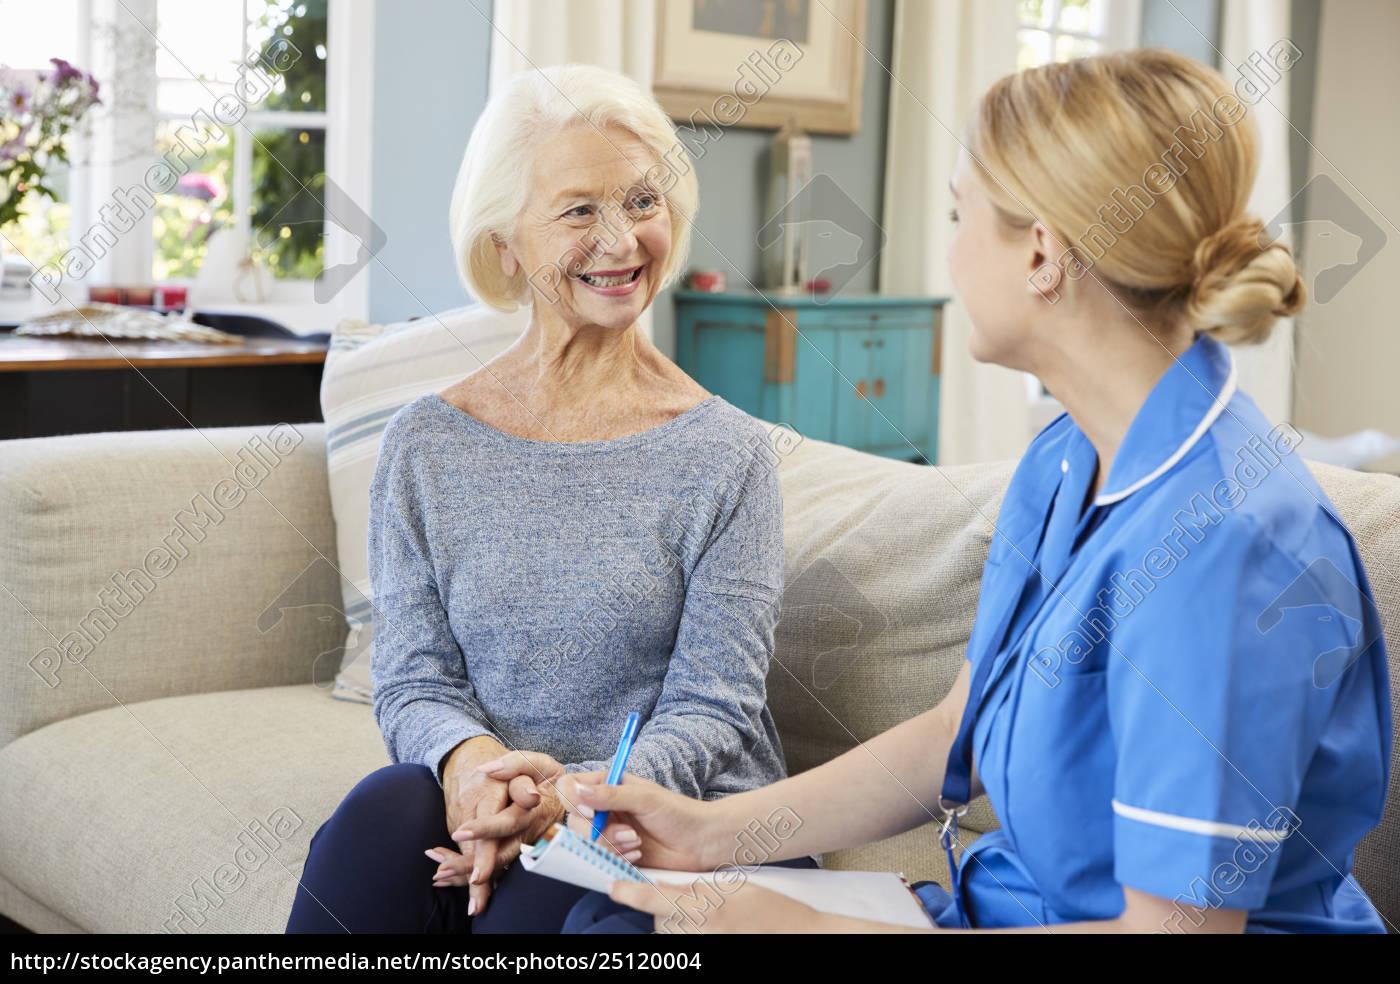 weibliche, gemeinschaftskrankenschwester, besucht, ältere, frau, zu - 25120004